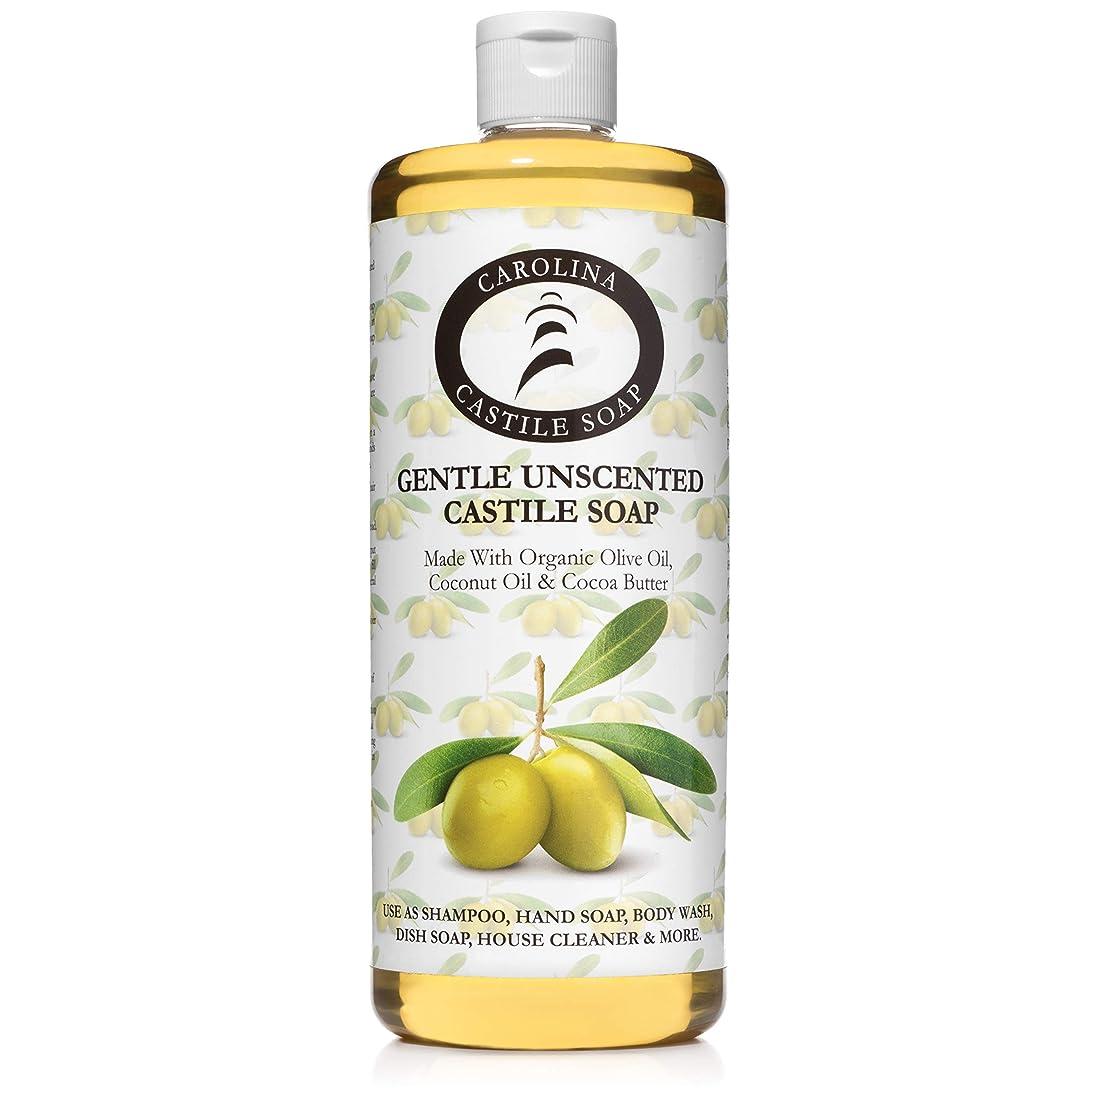 パキスタン人水没着るCarolina Castile Soap ジェントル無香料認定オーガニック 32オズ